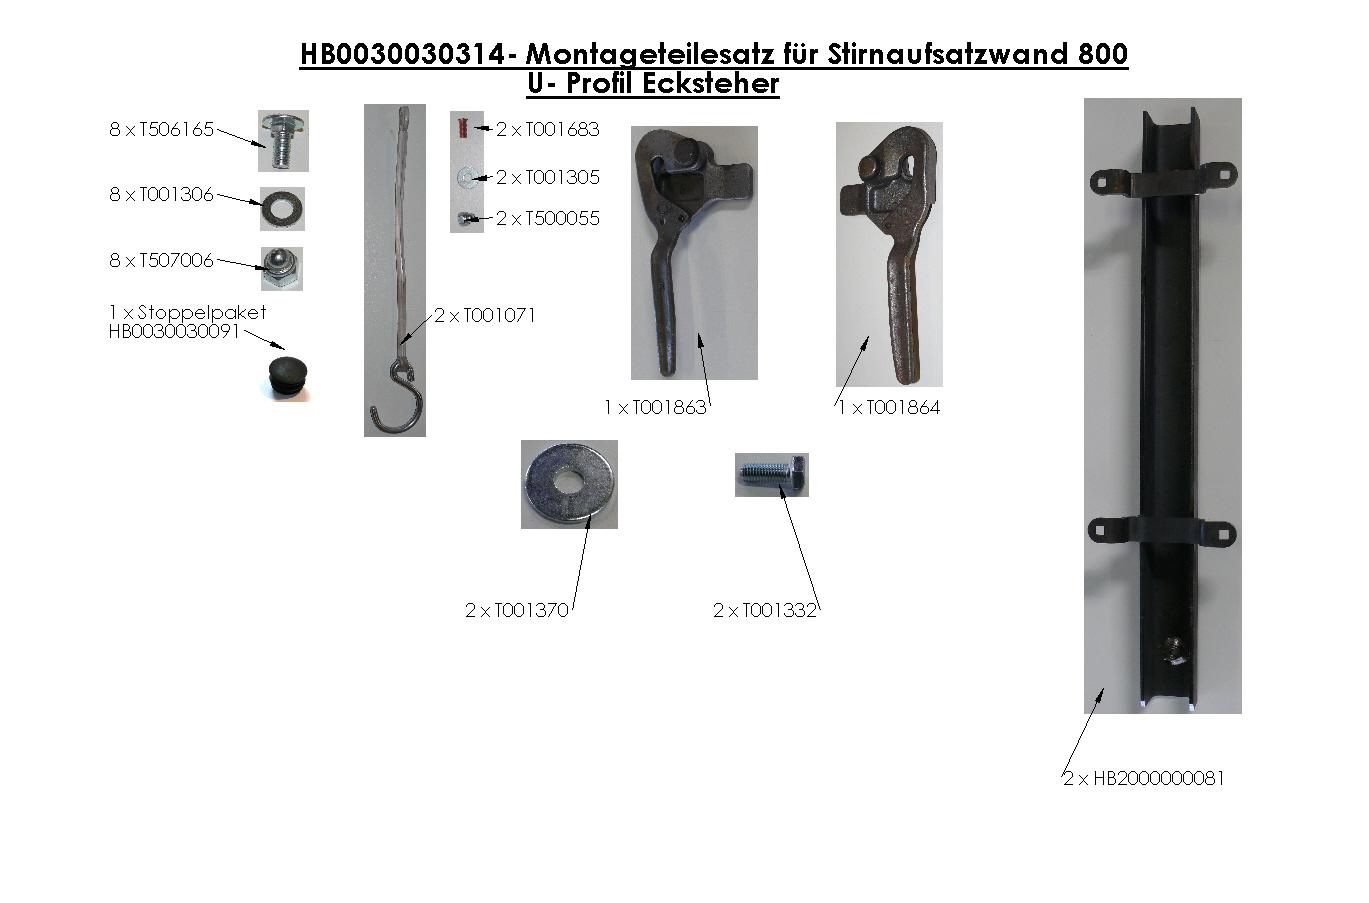 Brantner Kipper und Anhänger - Montageteilesatz für Stirnaufsatzwand 800